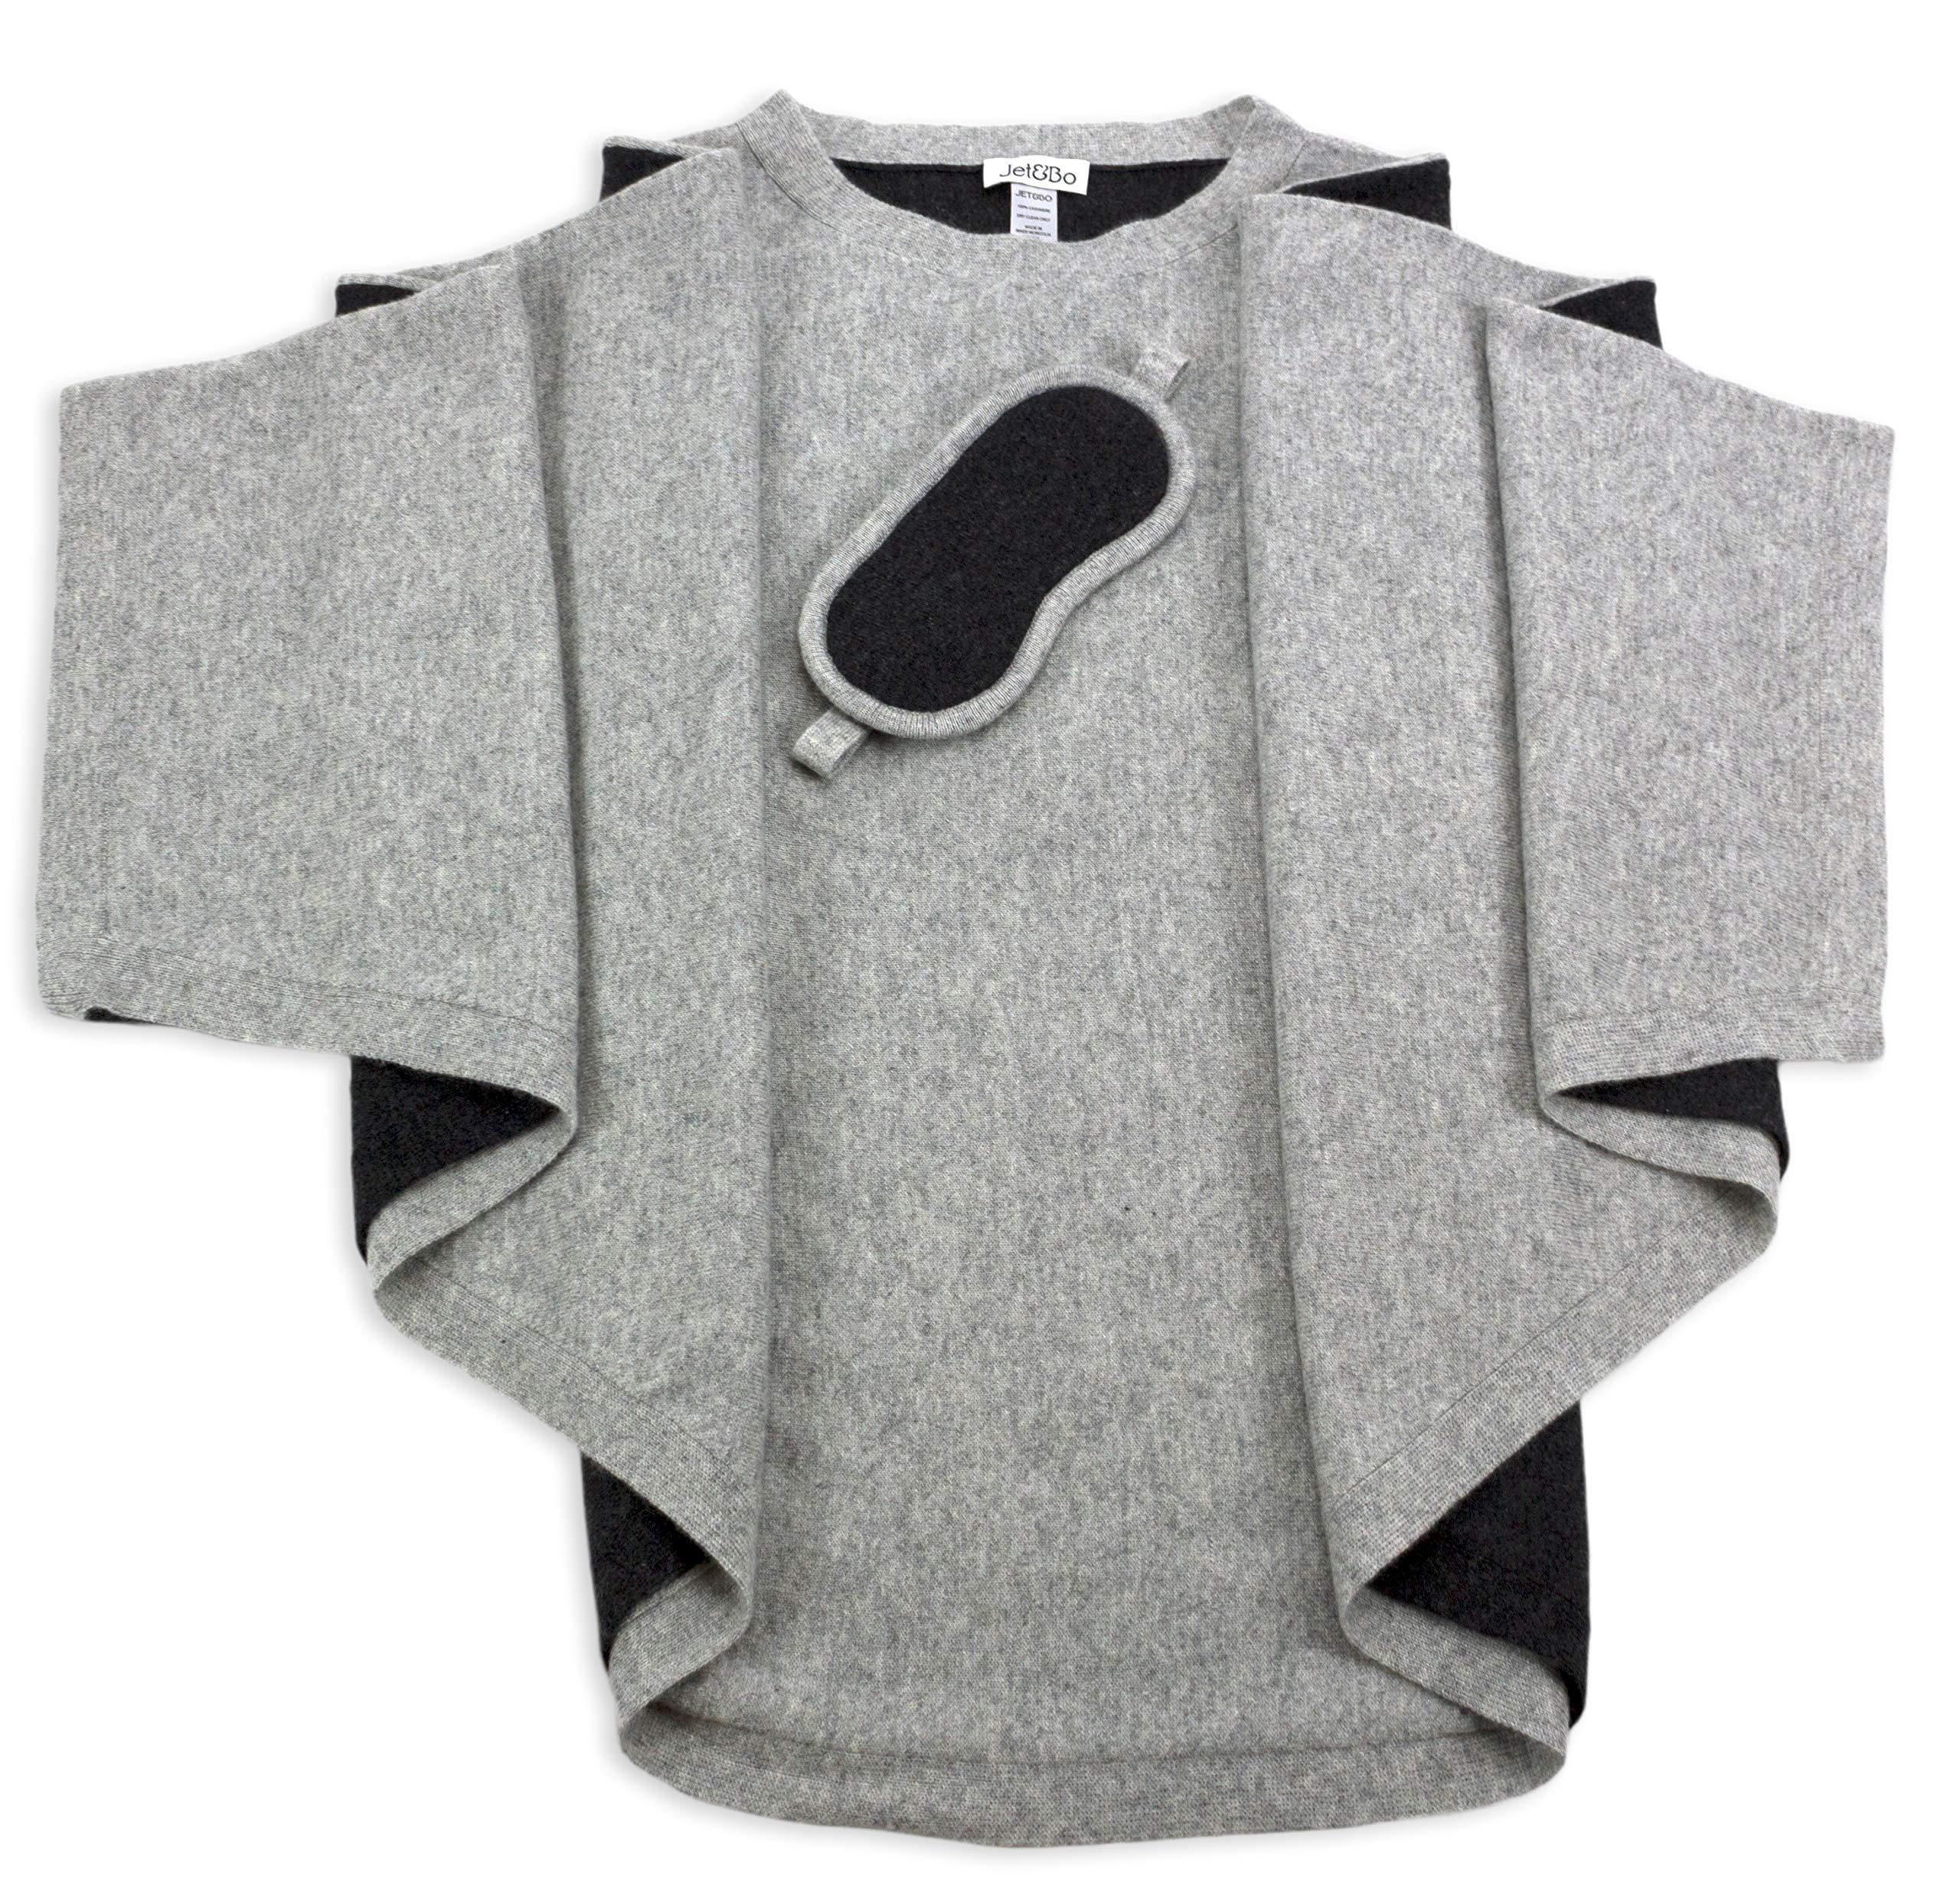 Jet&Bo 100% Cashmere Poncho & Eye Mask Travel Set Gray